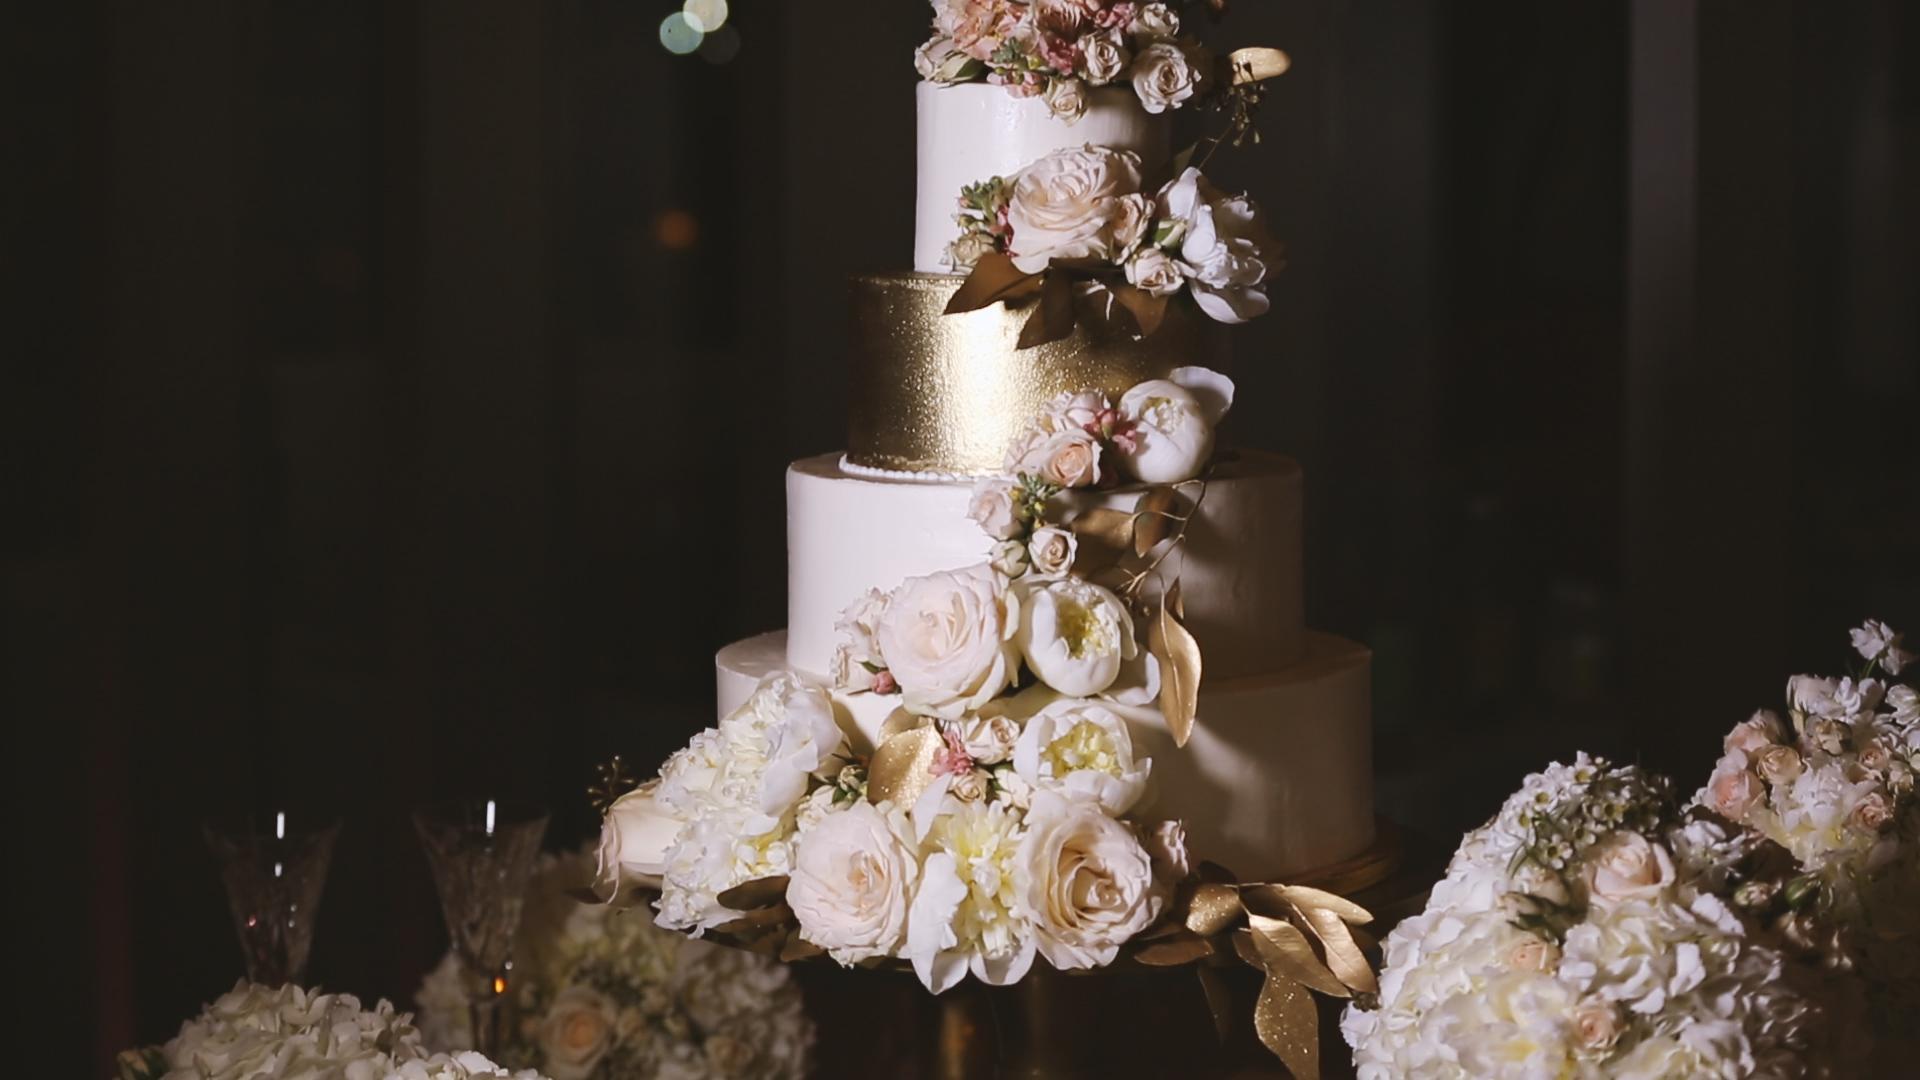 BrideFilm_Baton Rouge Wedding Videography_wedding cake detail